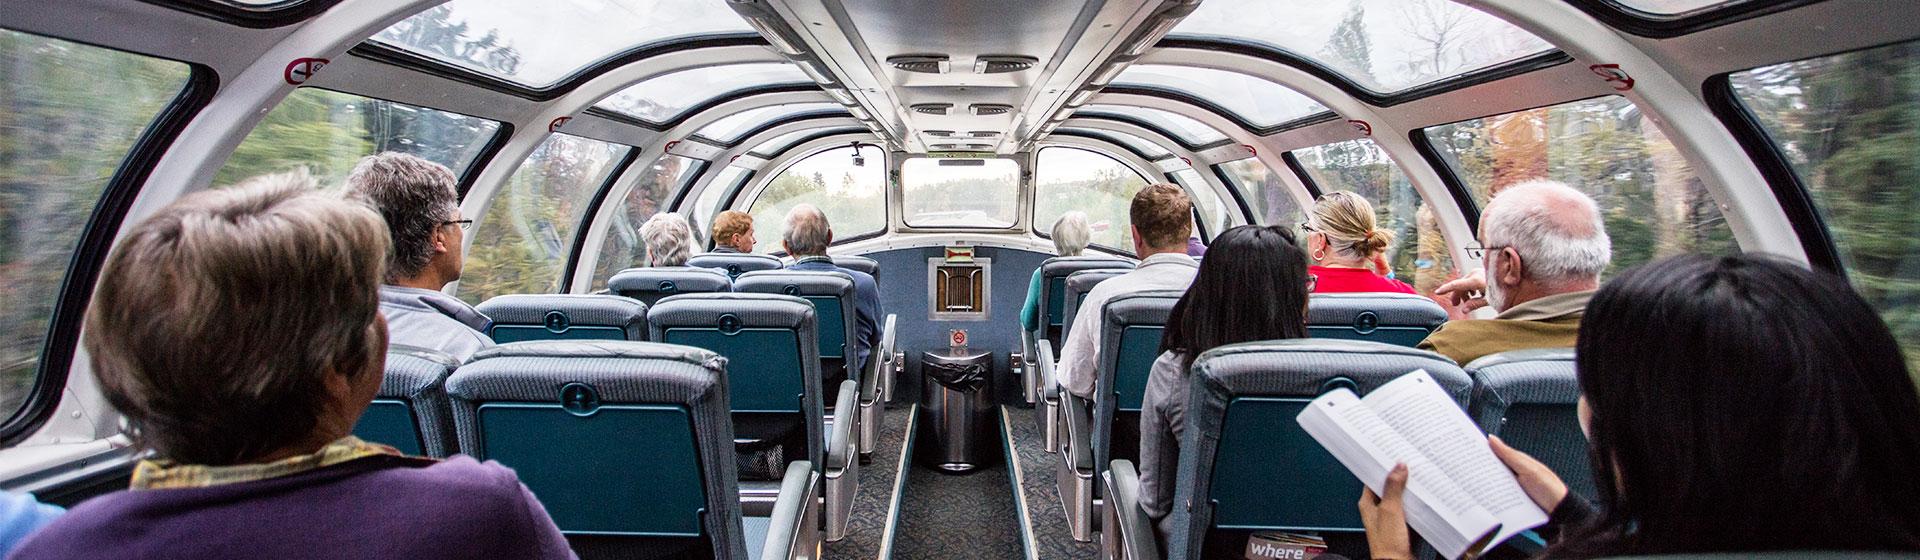 Tågvagn med panoramafönster i Kanada.